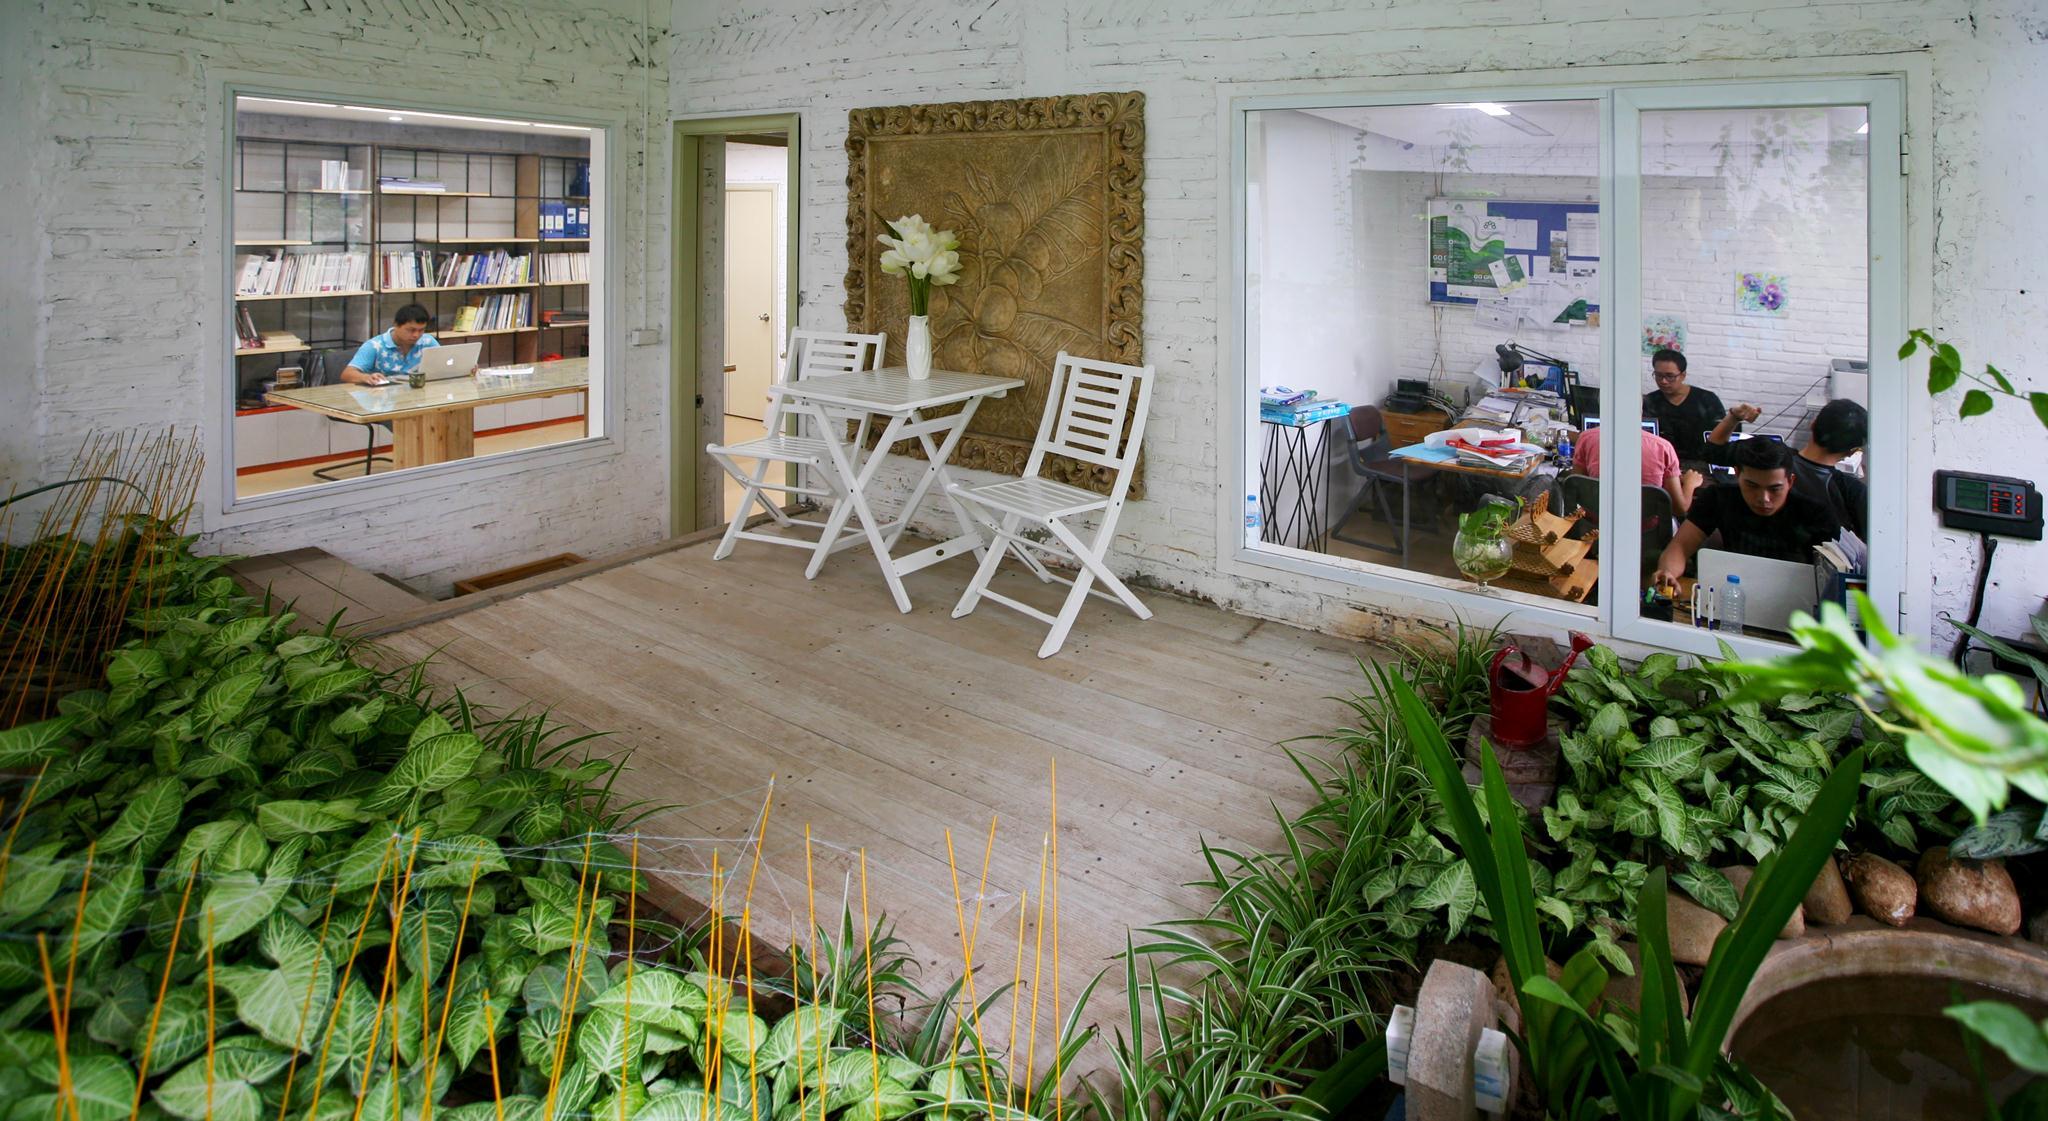 Phòng làm việc được thiết kế các cửa sổ kính, hướng góc nhìn ra vườn cây xanh phía Nam. Ảnh © Vũ Xuân Sơn